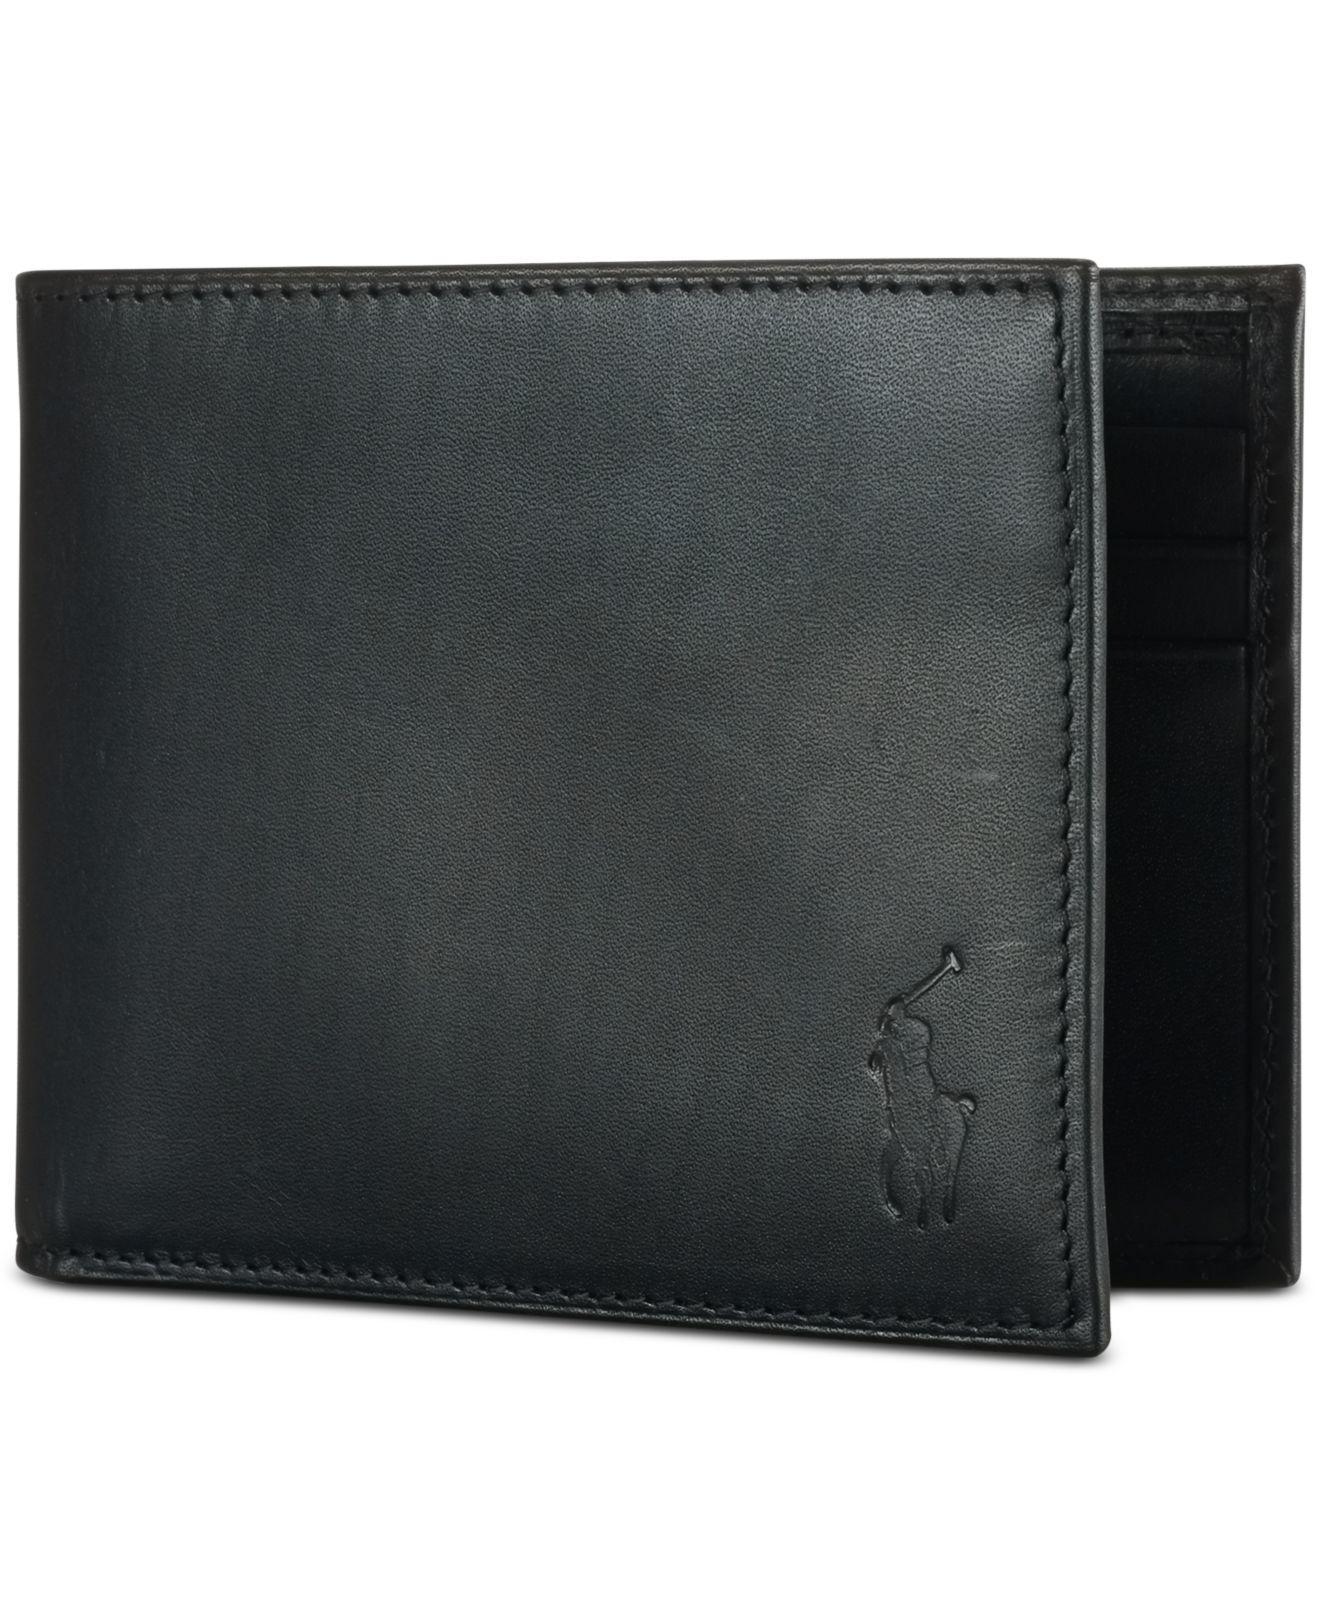 08caf8efdf Ralph Lauren Wallets Men - Best Photo Wallet Justiceforkenny.Org